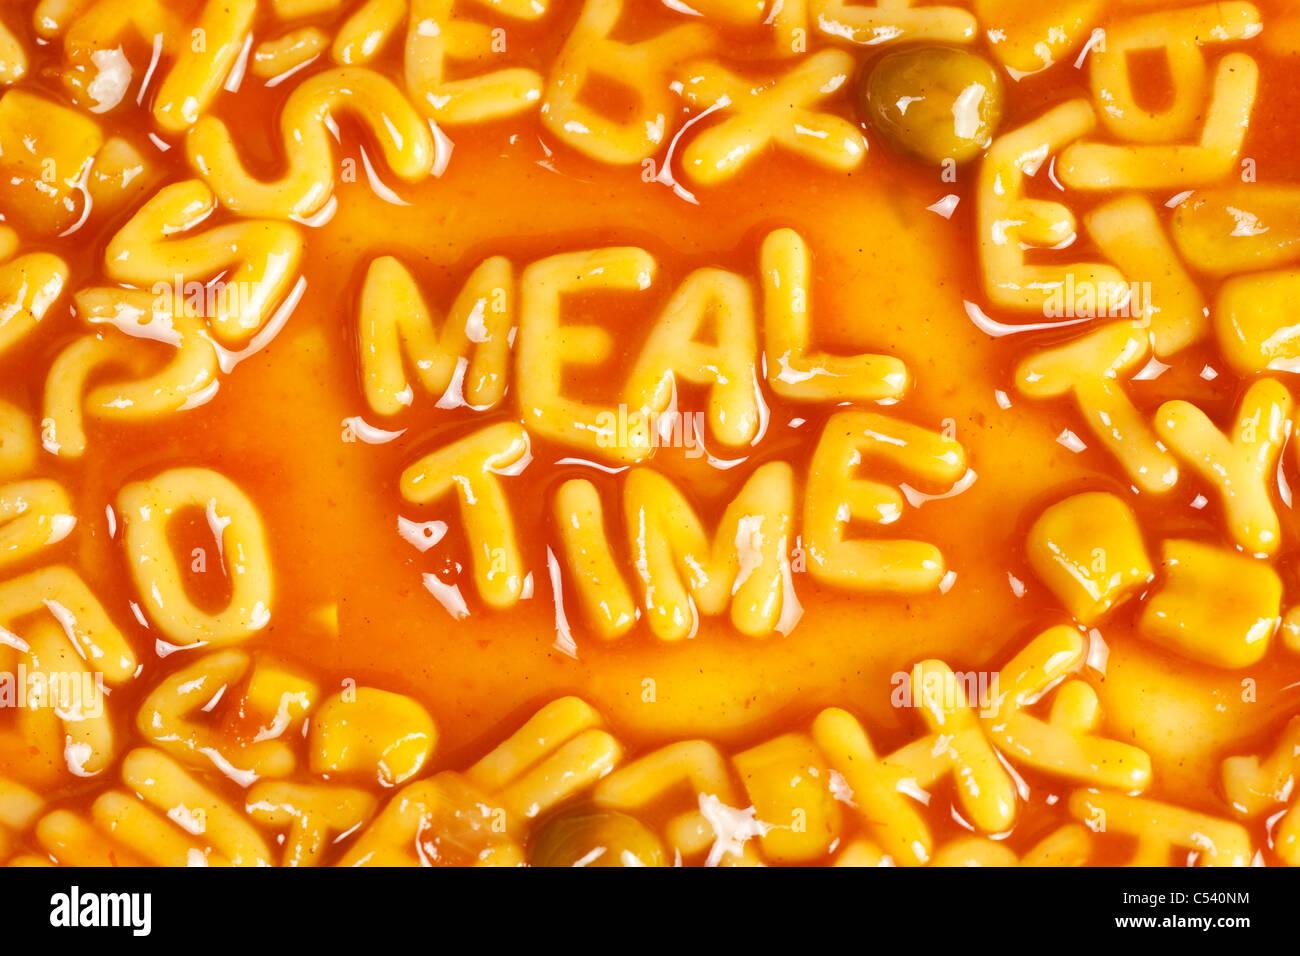 Alfabeto forma de pasta formando la palabra Comida en salsa de tomate Imagen De Stock